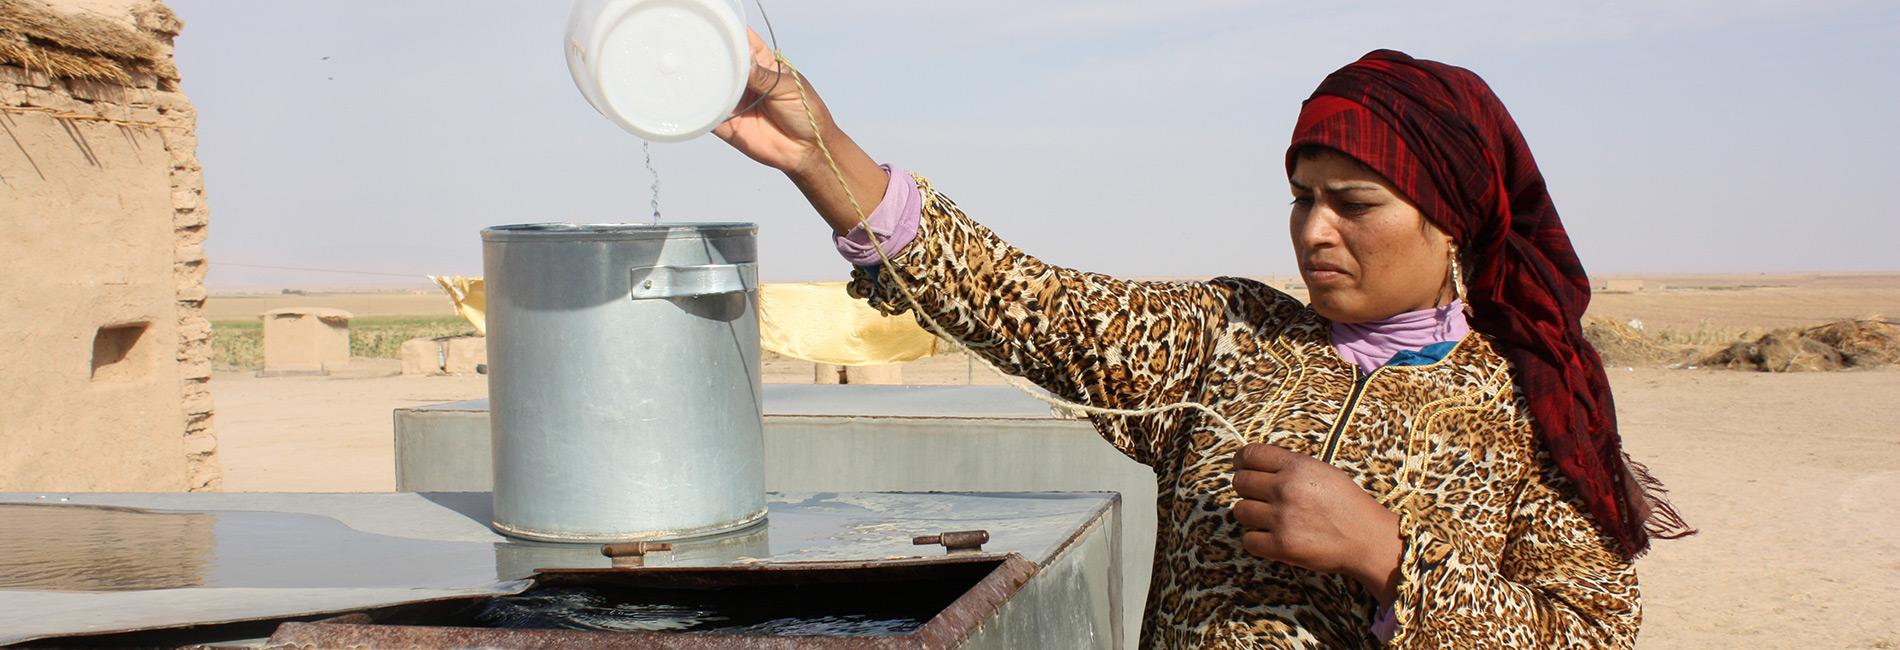 Foto: schwangere Syrerin schöpft Wasser aus einem Tank